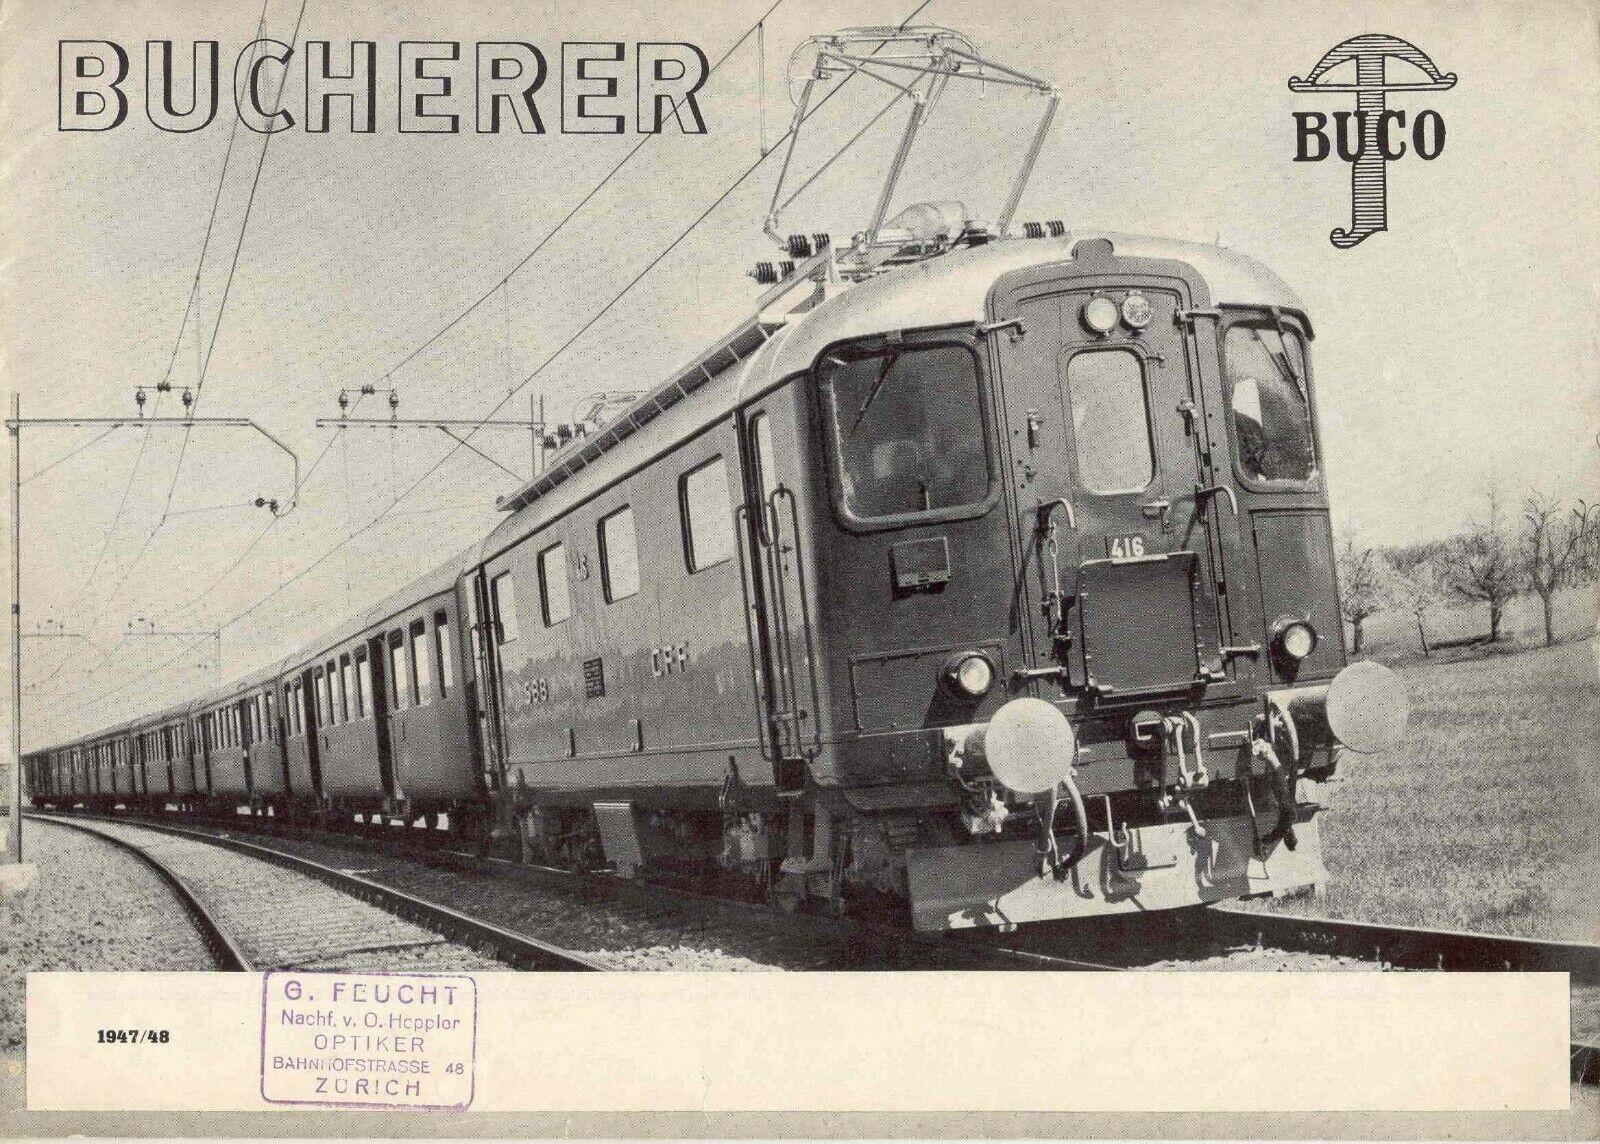 Hay más marcas de productos de alta calidad. Catalogo BUCO BUCHERER 1947 48 48 48 Spur O                   D F E IT     aa  el mas de moda